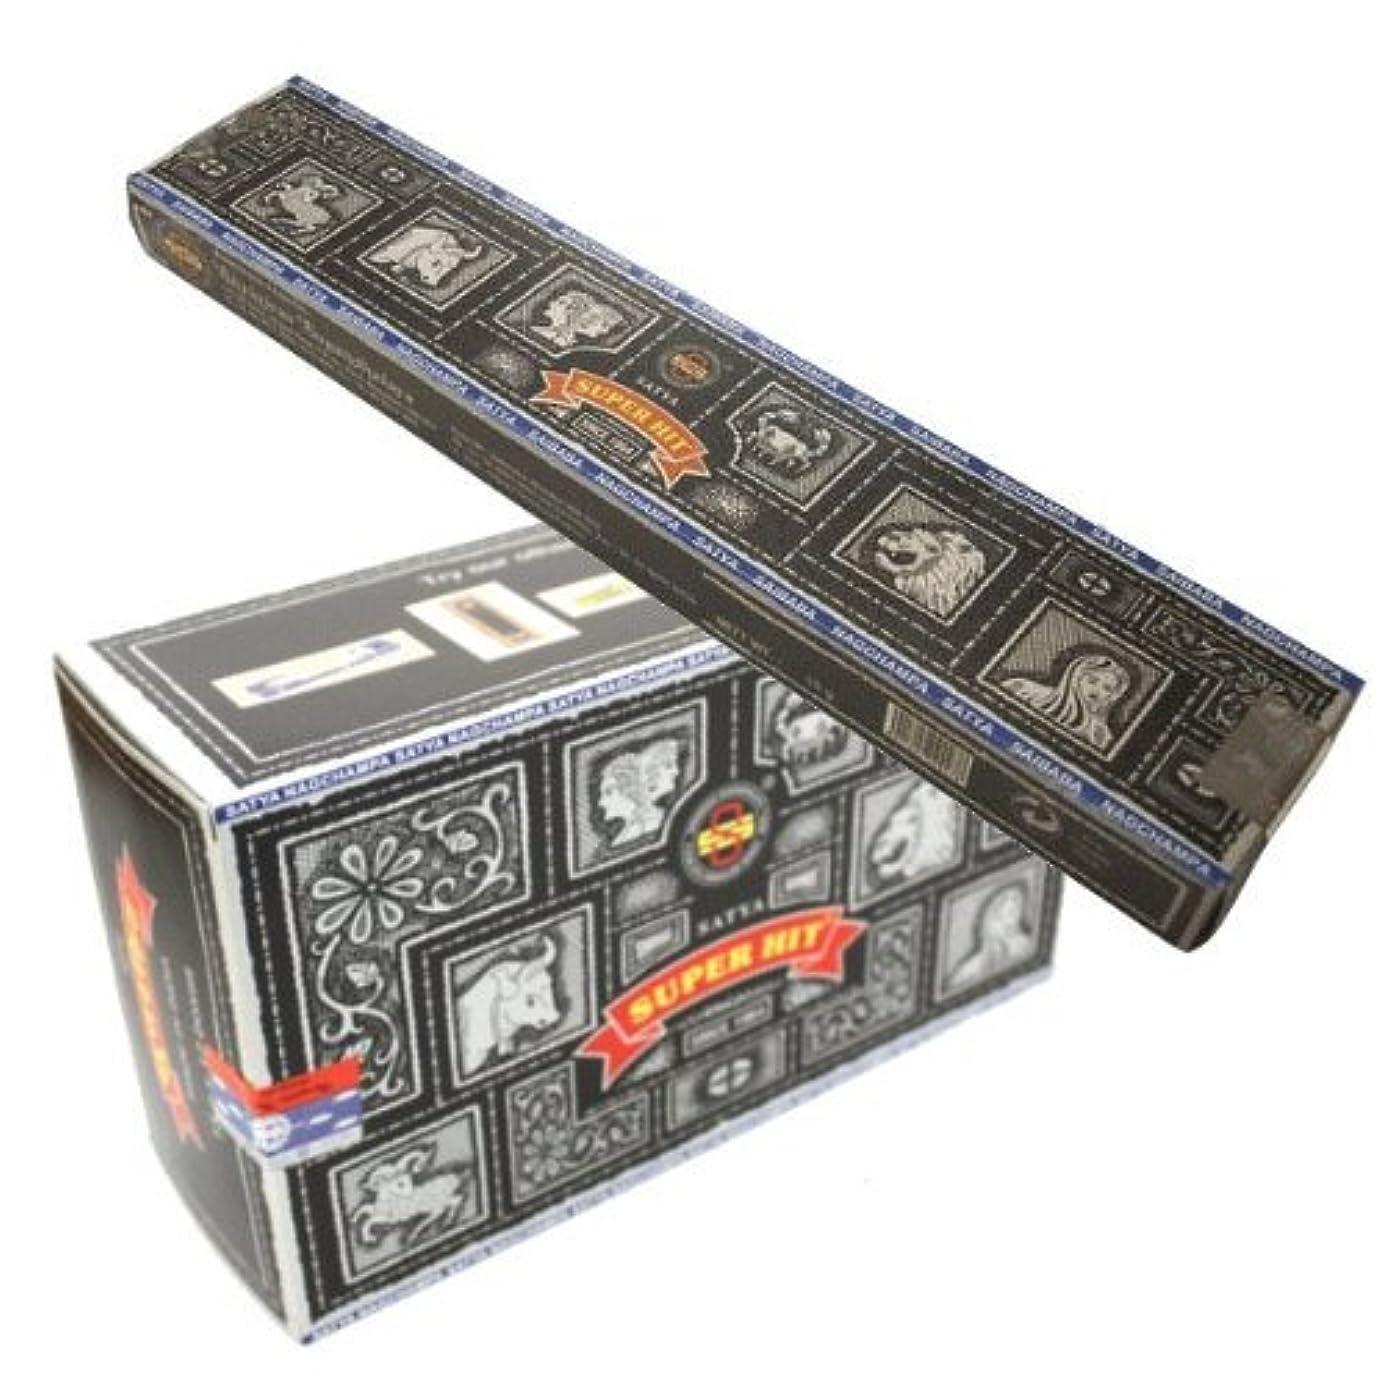 モールジャンク診断するSATYA スーパーヒット香 スティック 12箱セット SATYA SUPER HIT